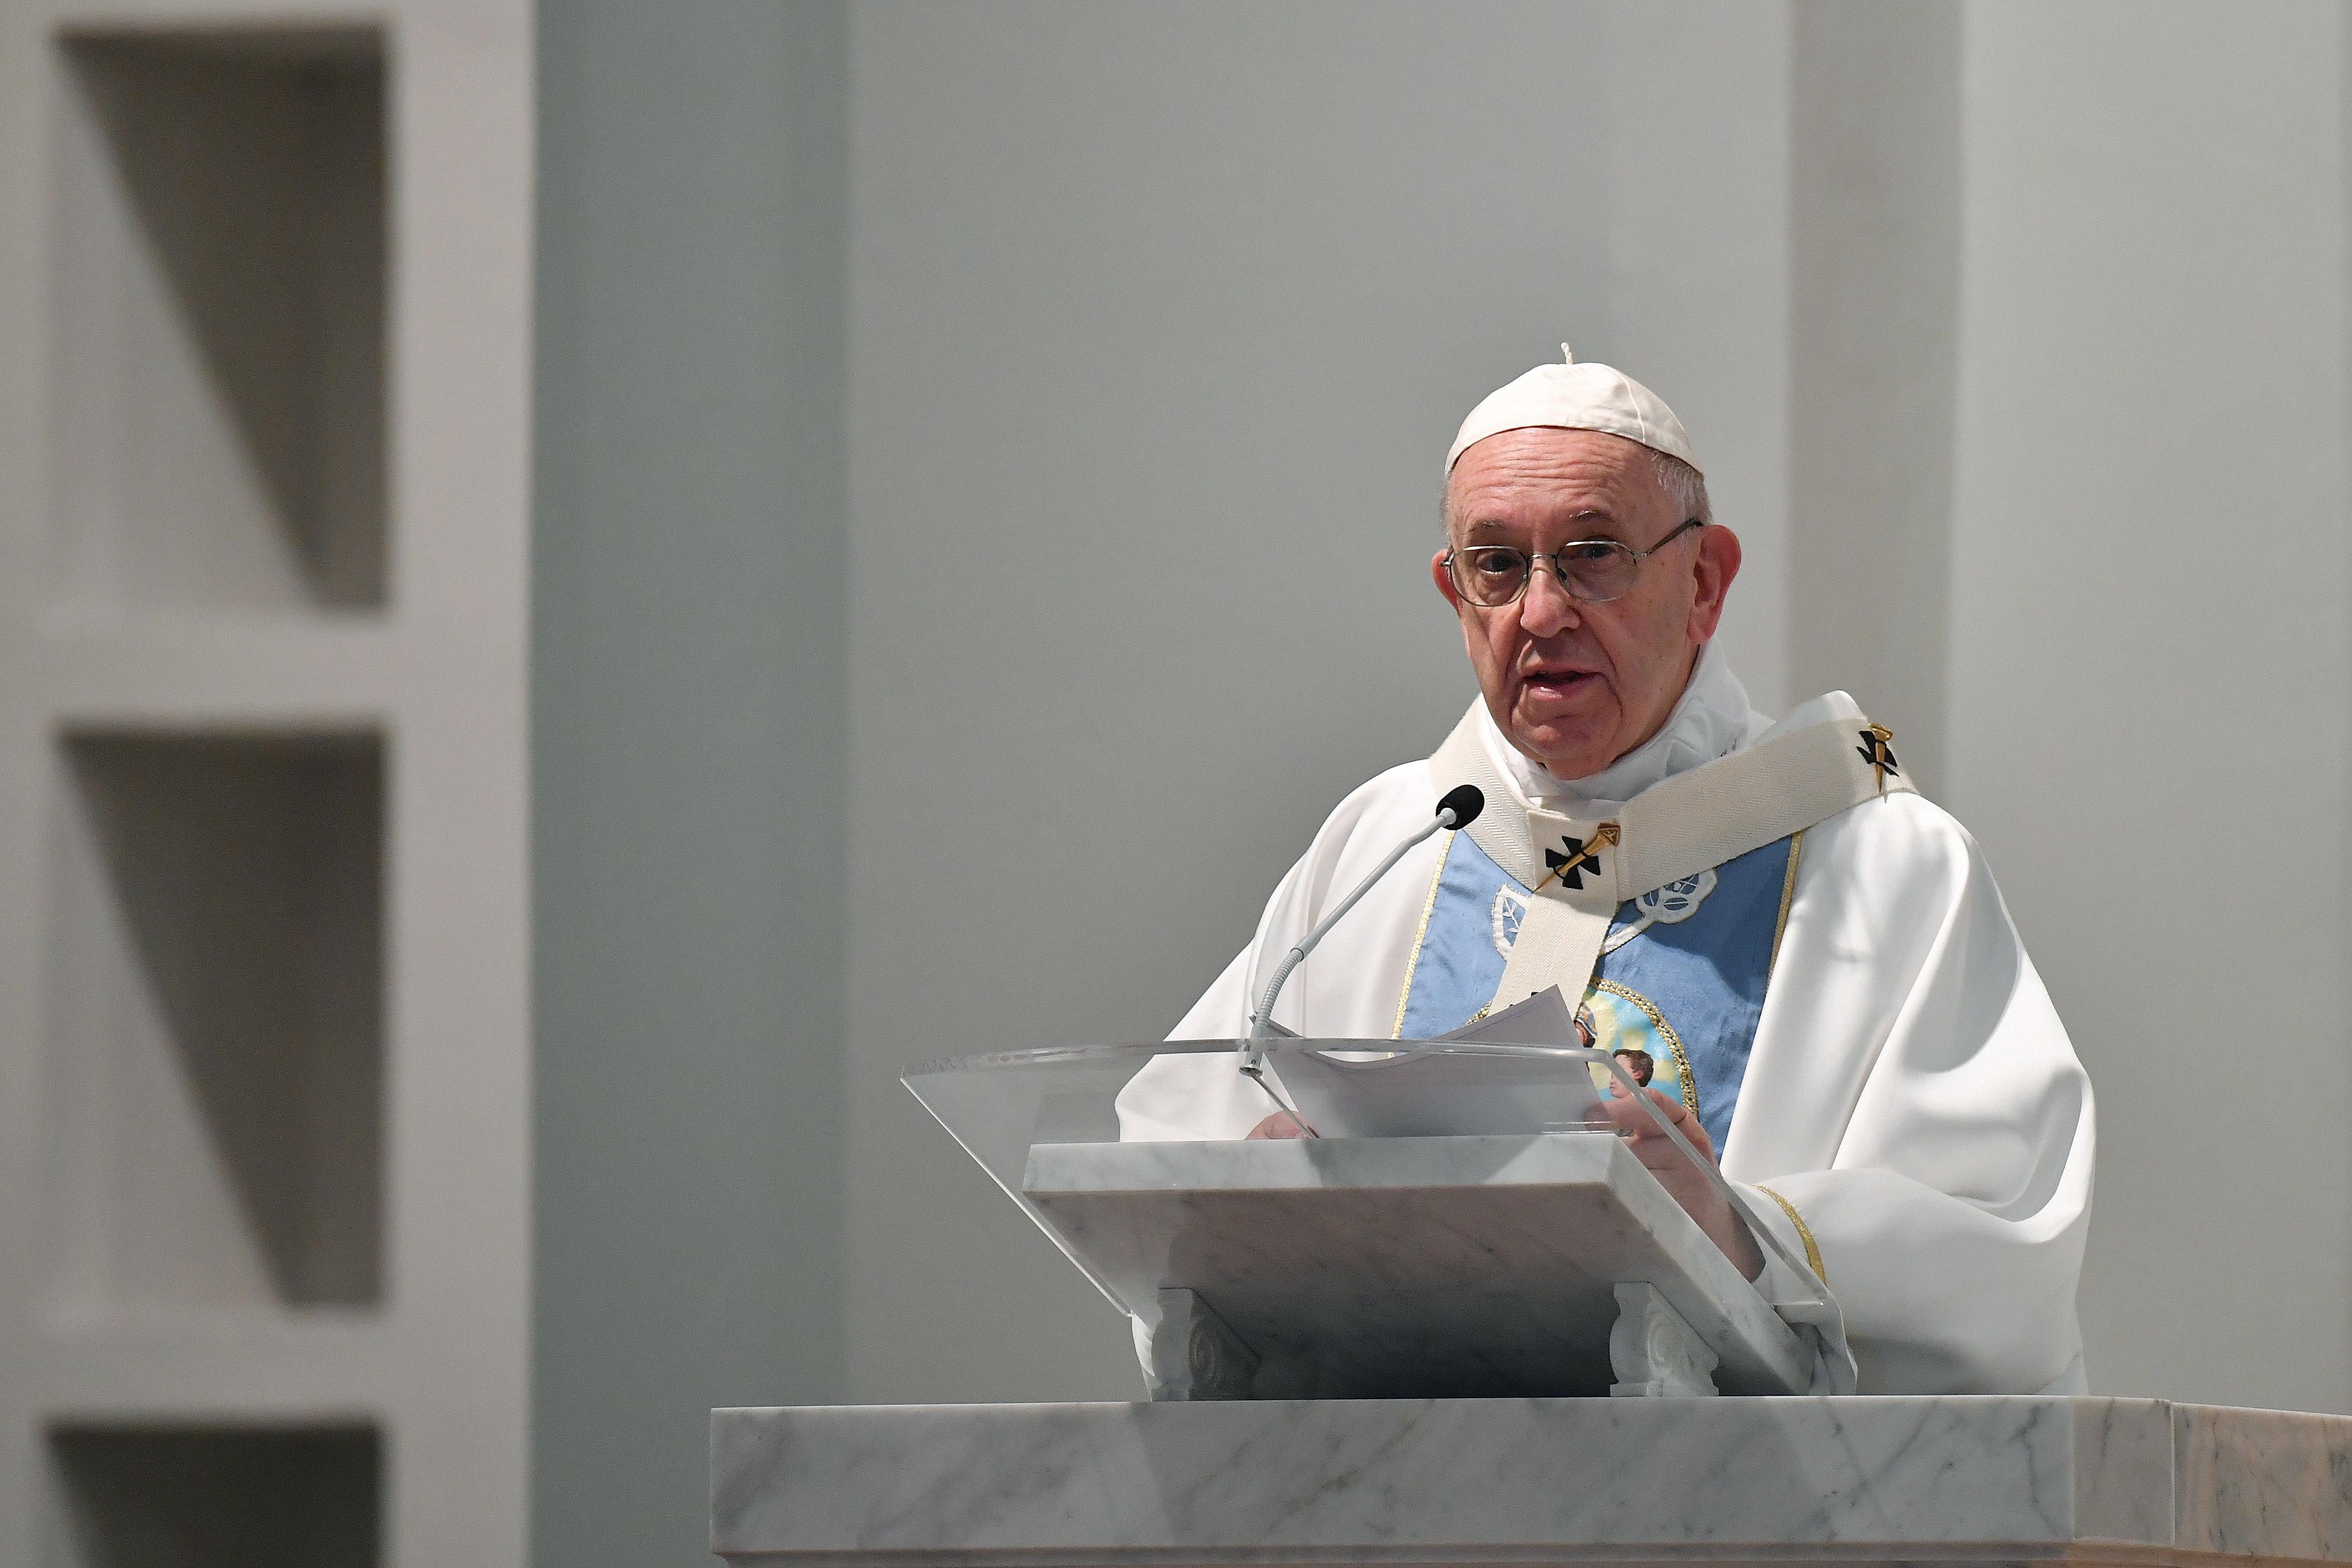 El papa Francisco se encuentra en Panamá para participar en la Jornada Mundial de la Juventud (JMJ). (Foto Prensa Libre: EFE)